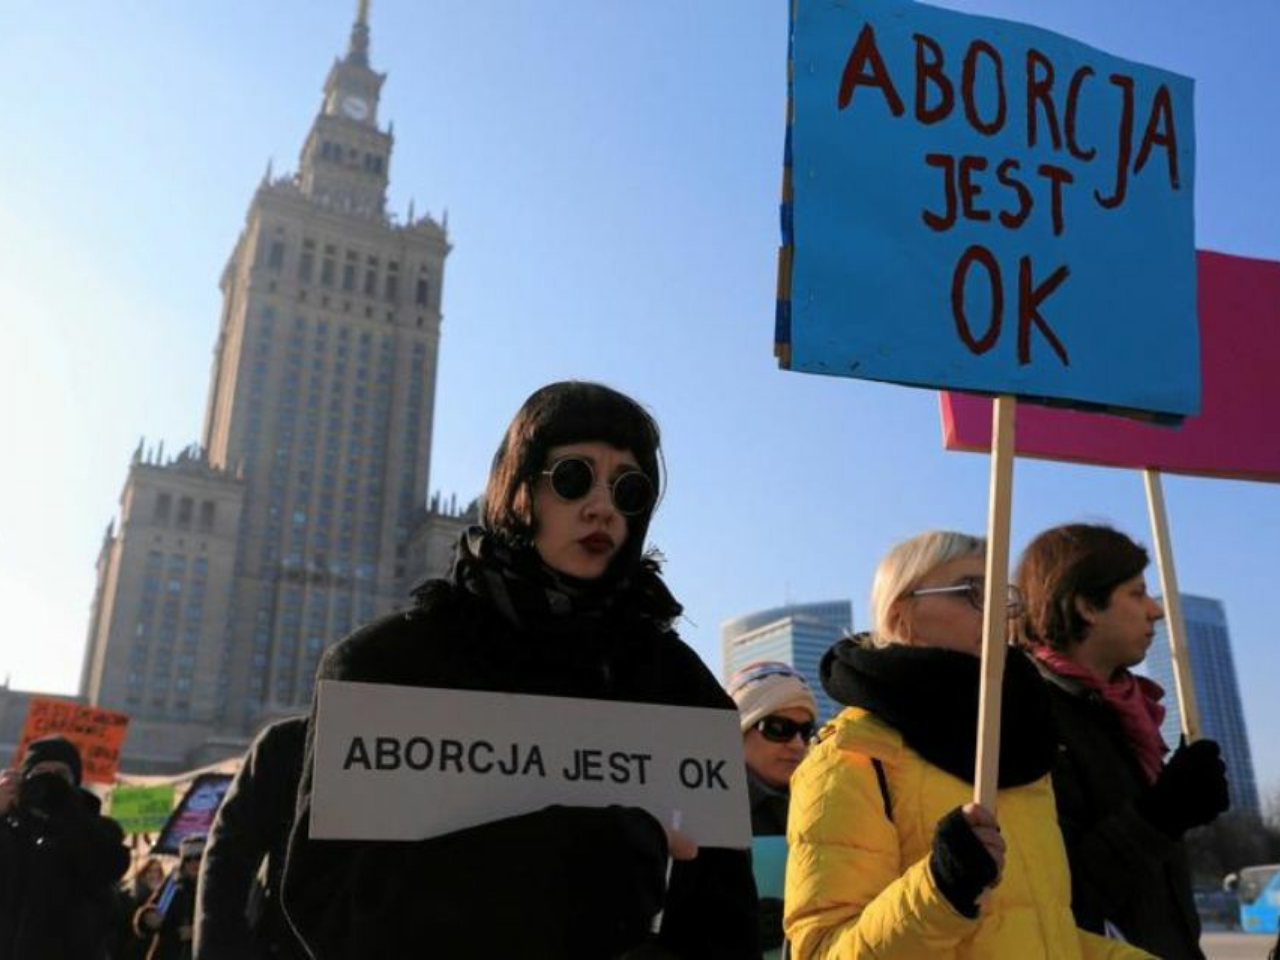 Manifestation pour le droit à l'IVG en Pologne, 2020